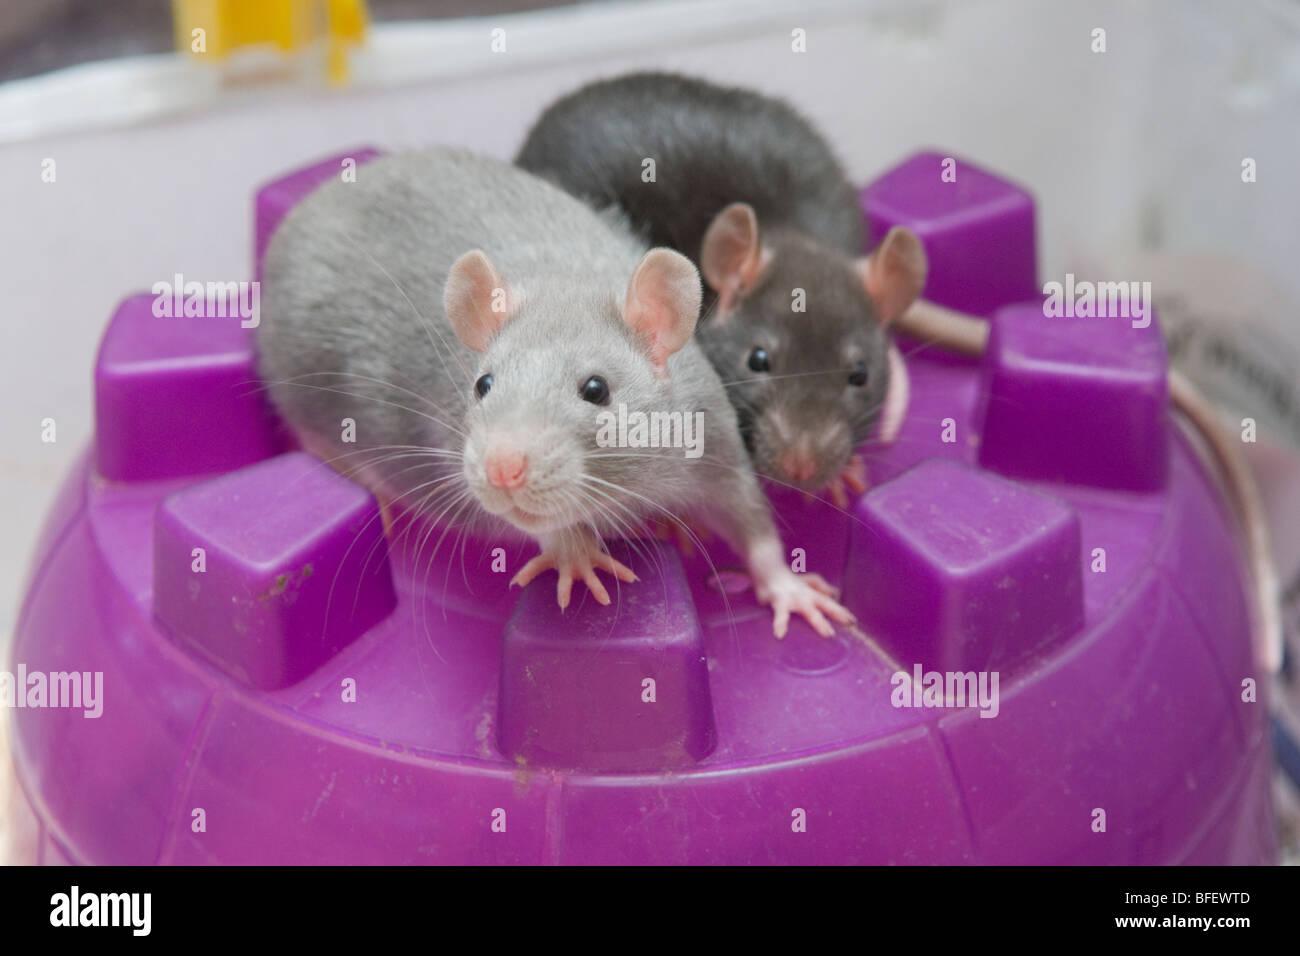 Two curious young pet rats (Rattus norvegicus) on top of their igloo house, Saskatchewan, Canada - Stock Image